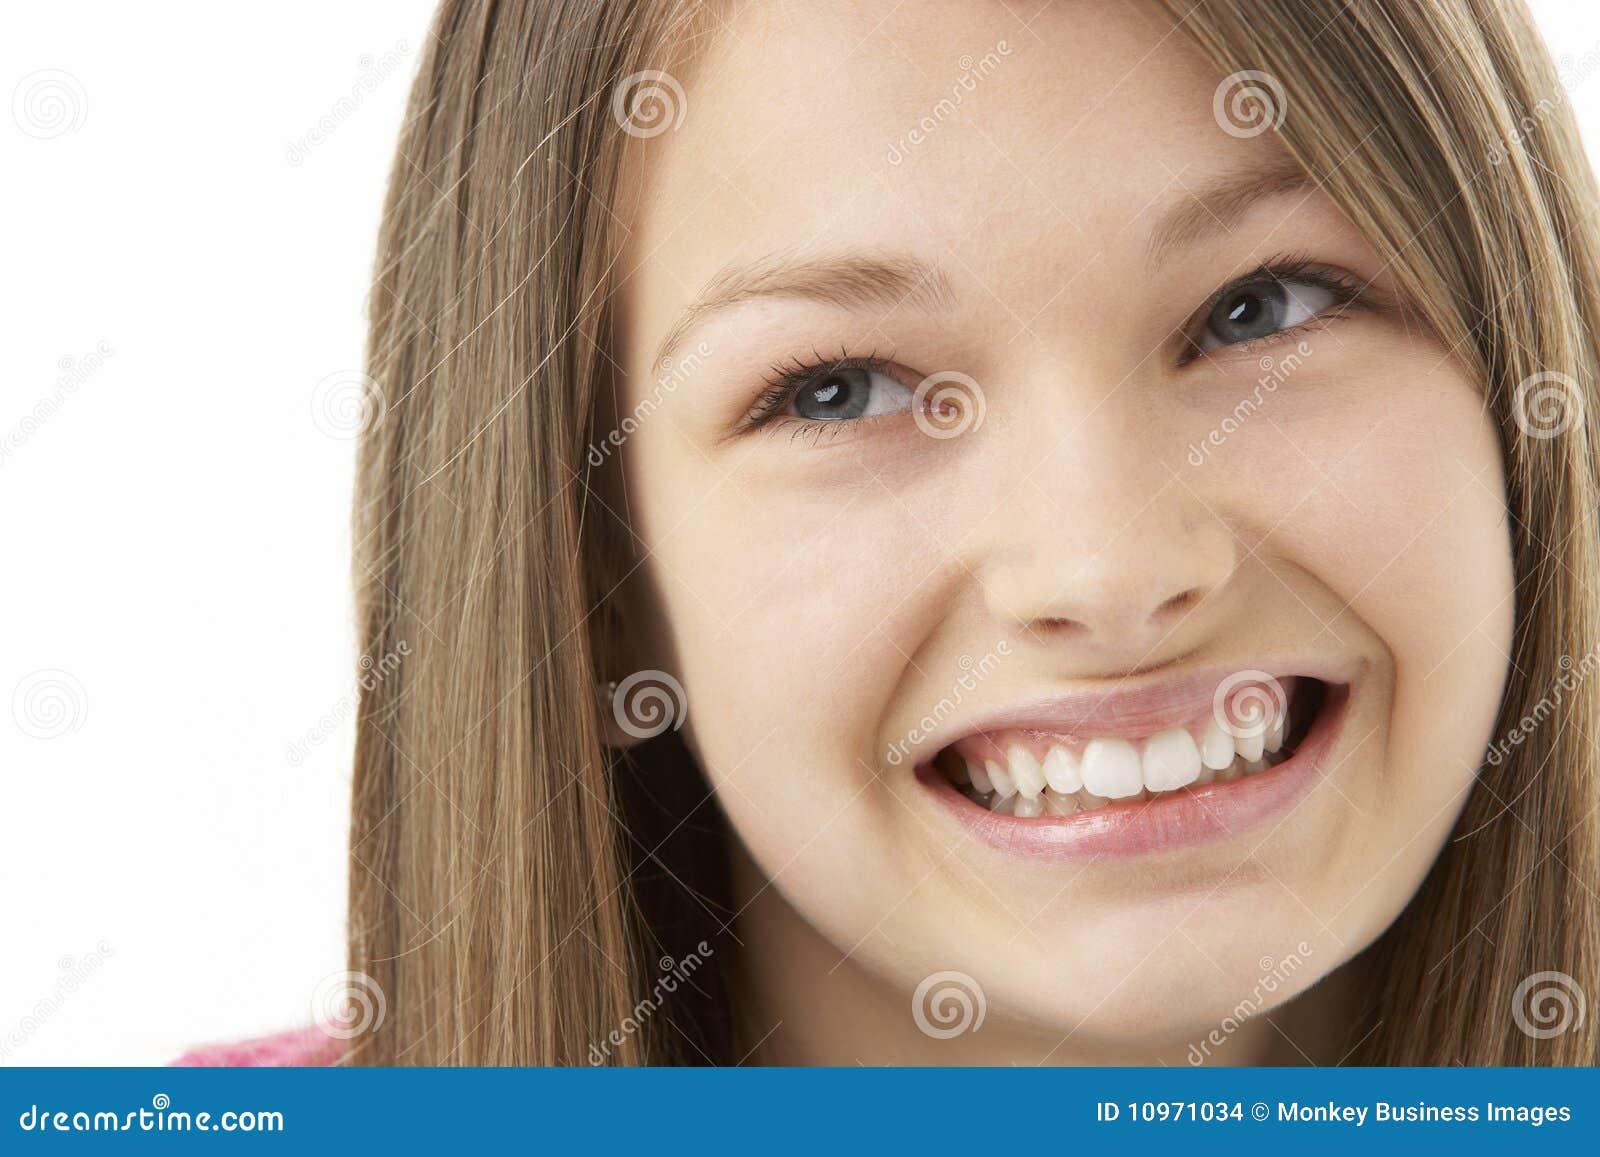 Фото девочек подростков крупно 8 фотография